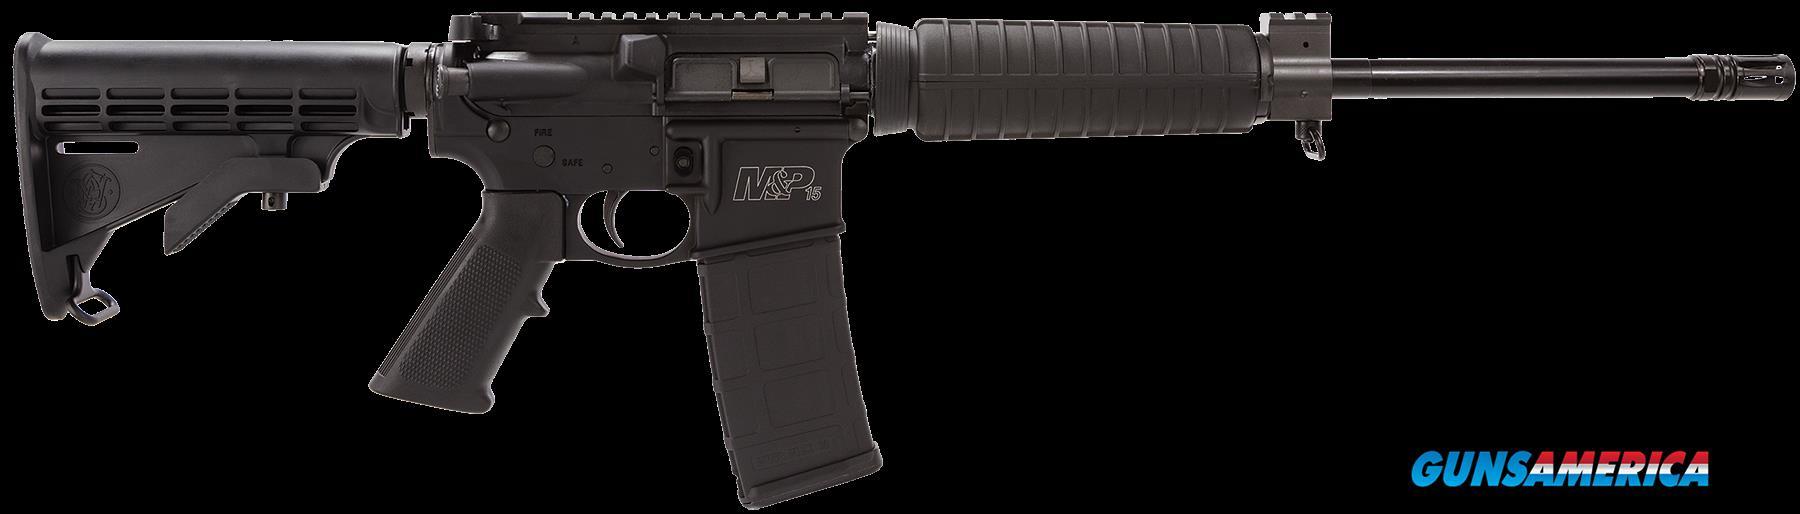 Smith & Wesson M&p15, Swl M&p15       811302  300whs 16 Blk           30  Guns > Pistols > 1911 Pistol Copies (non-Colt)